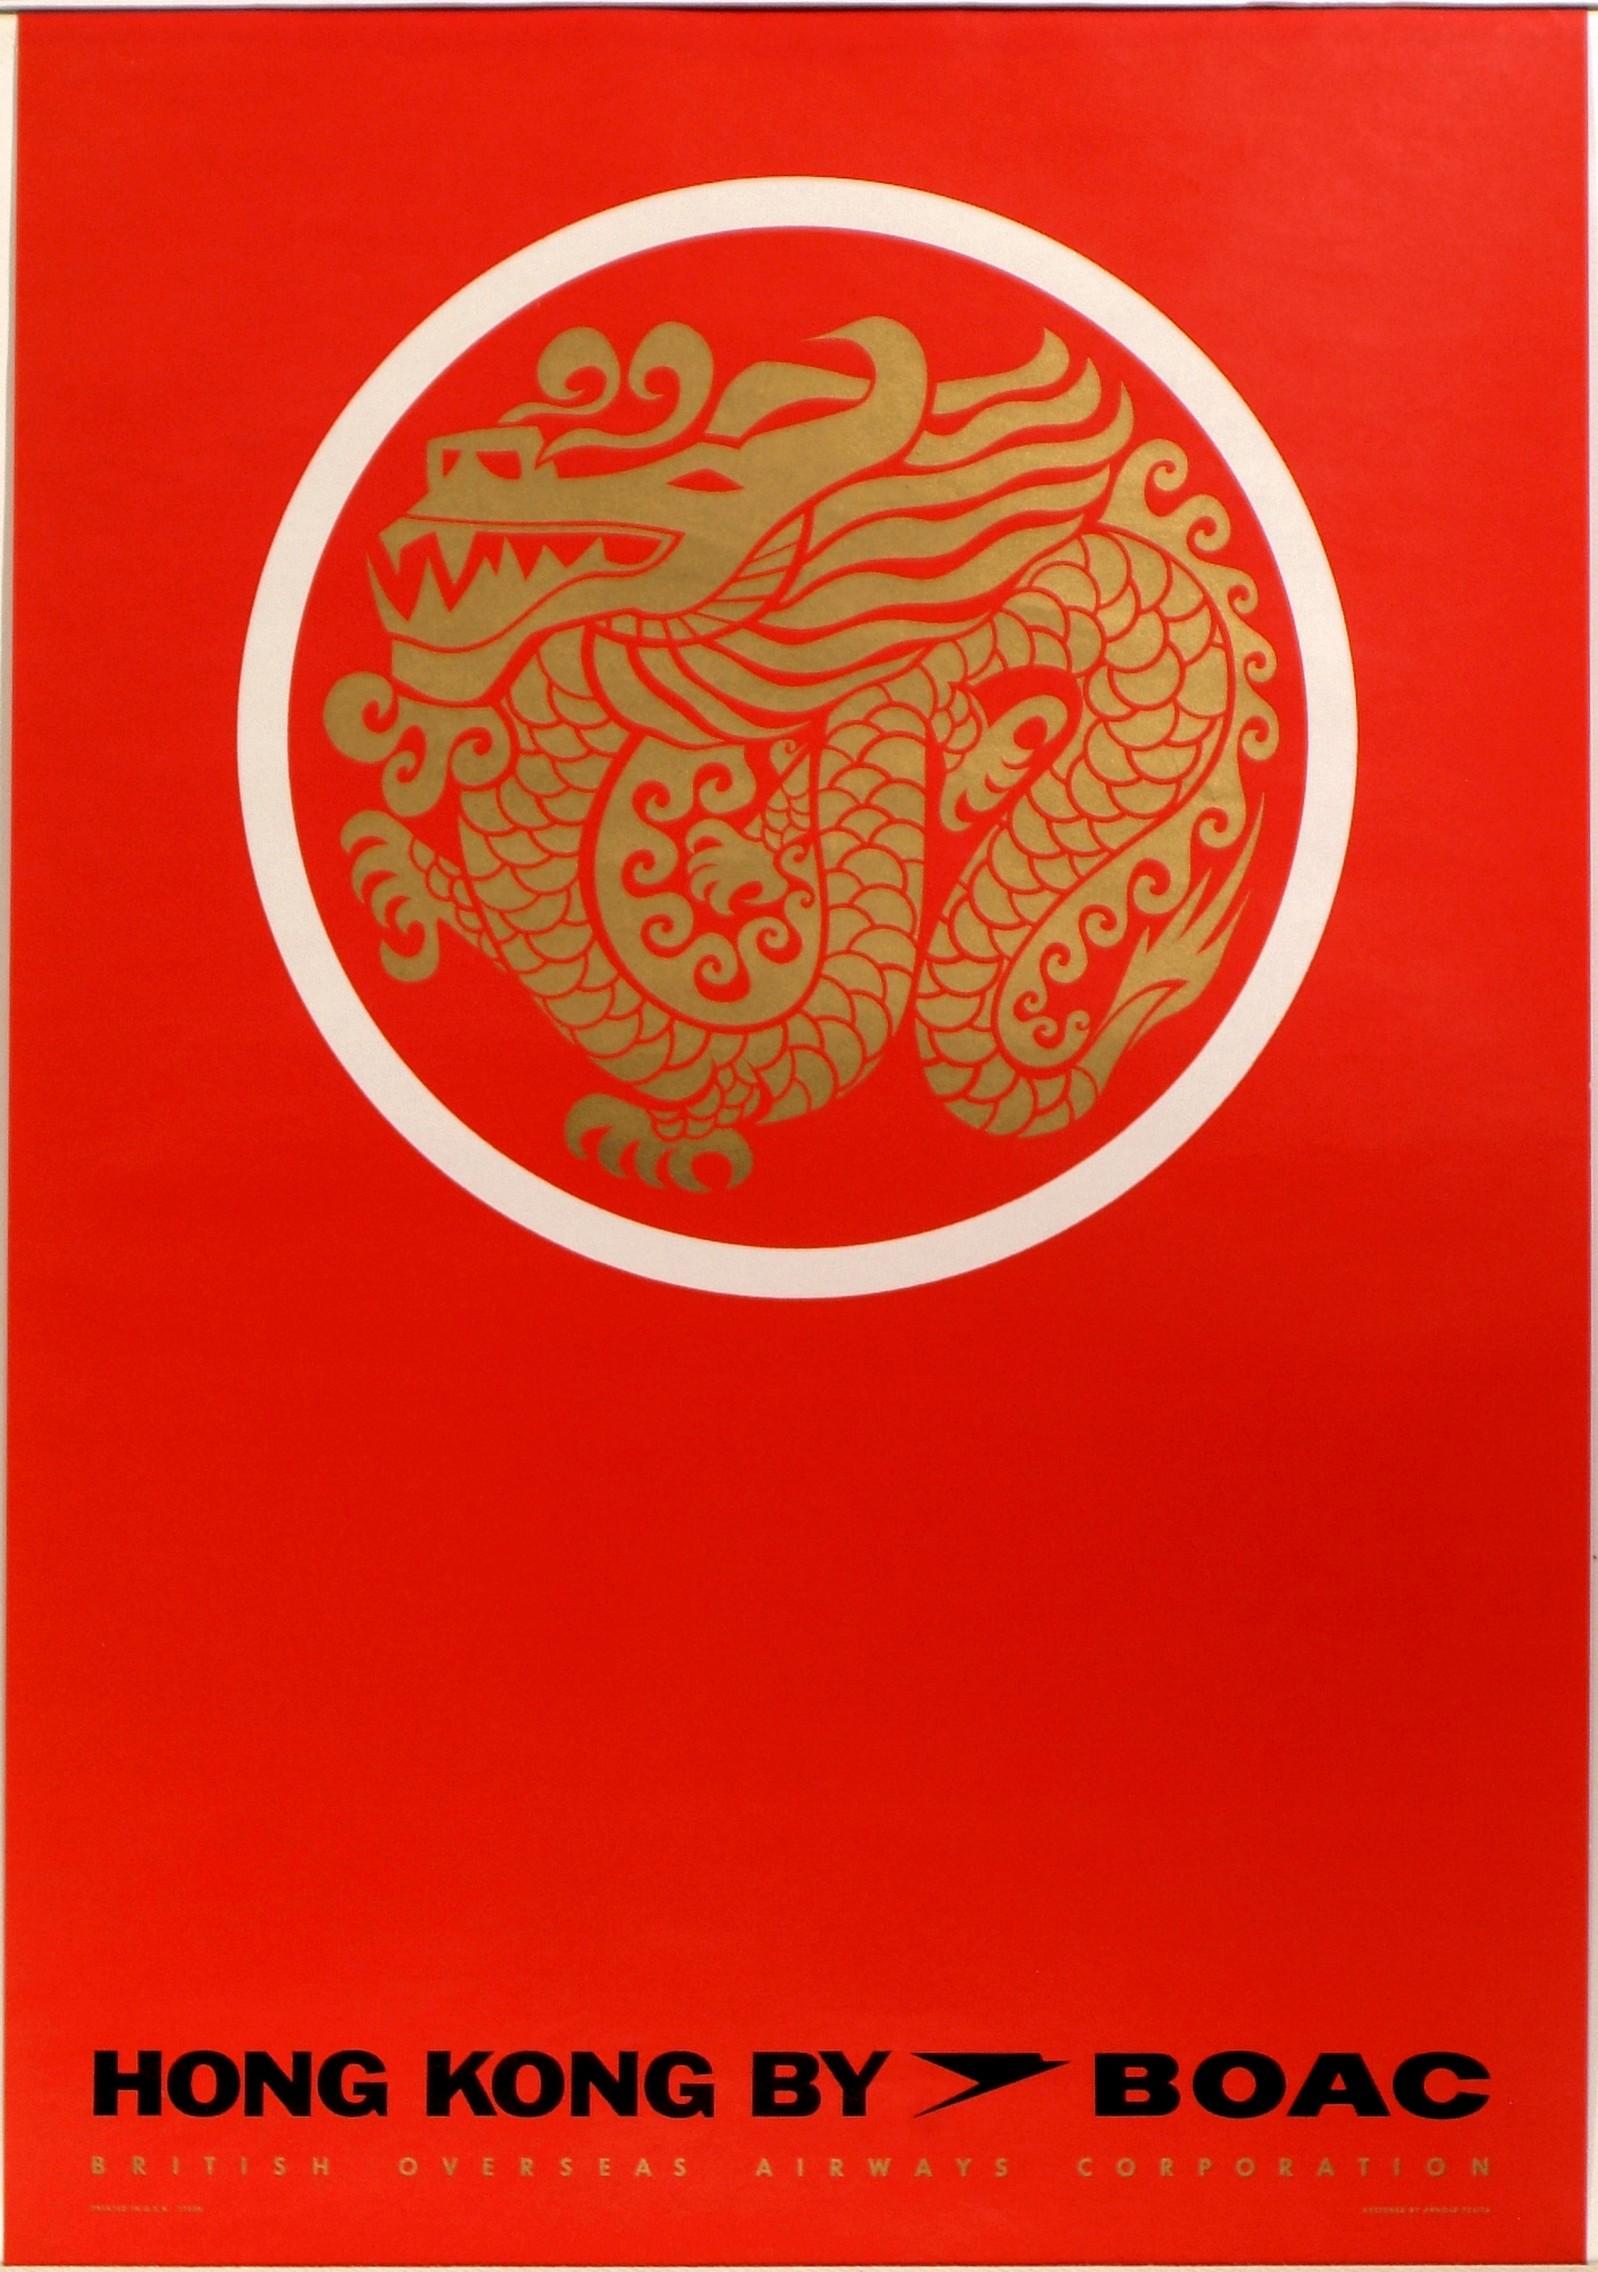 1970s-Hong-Kong-by-BOAC